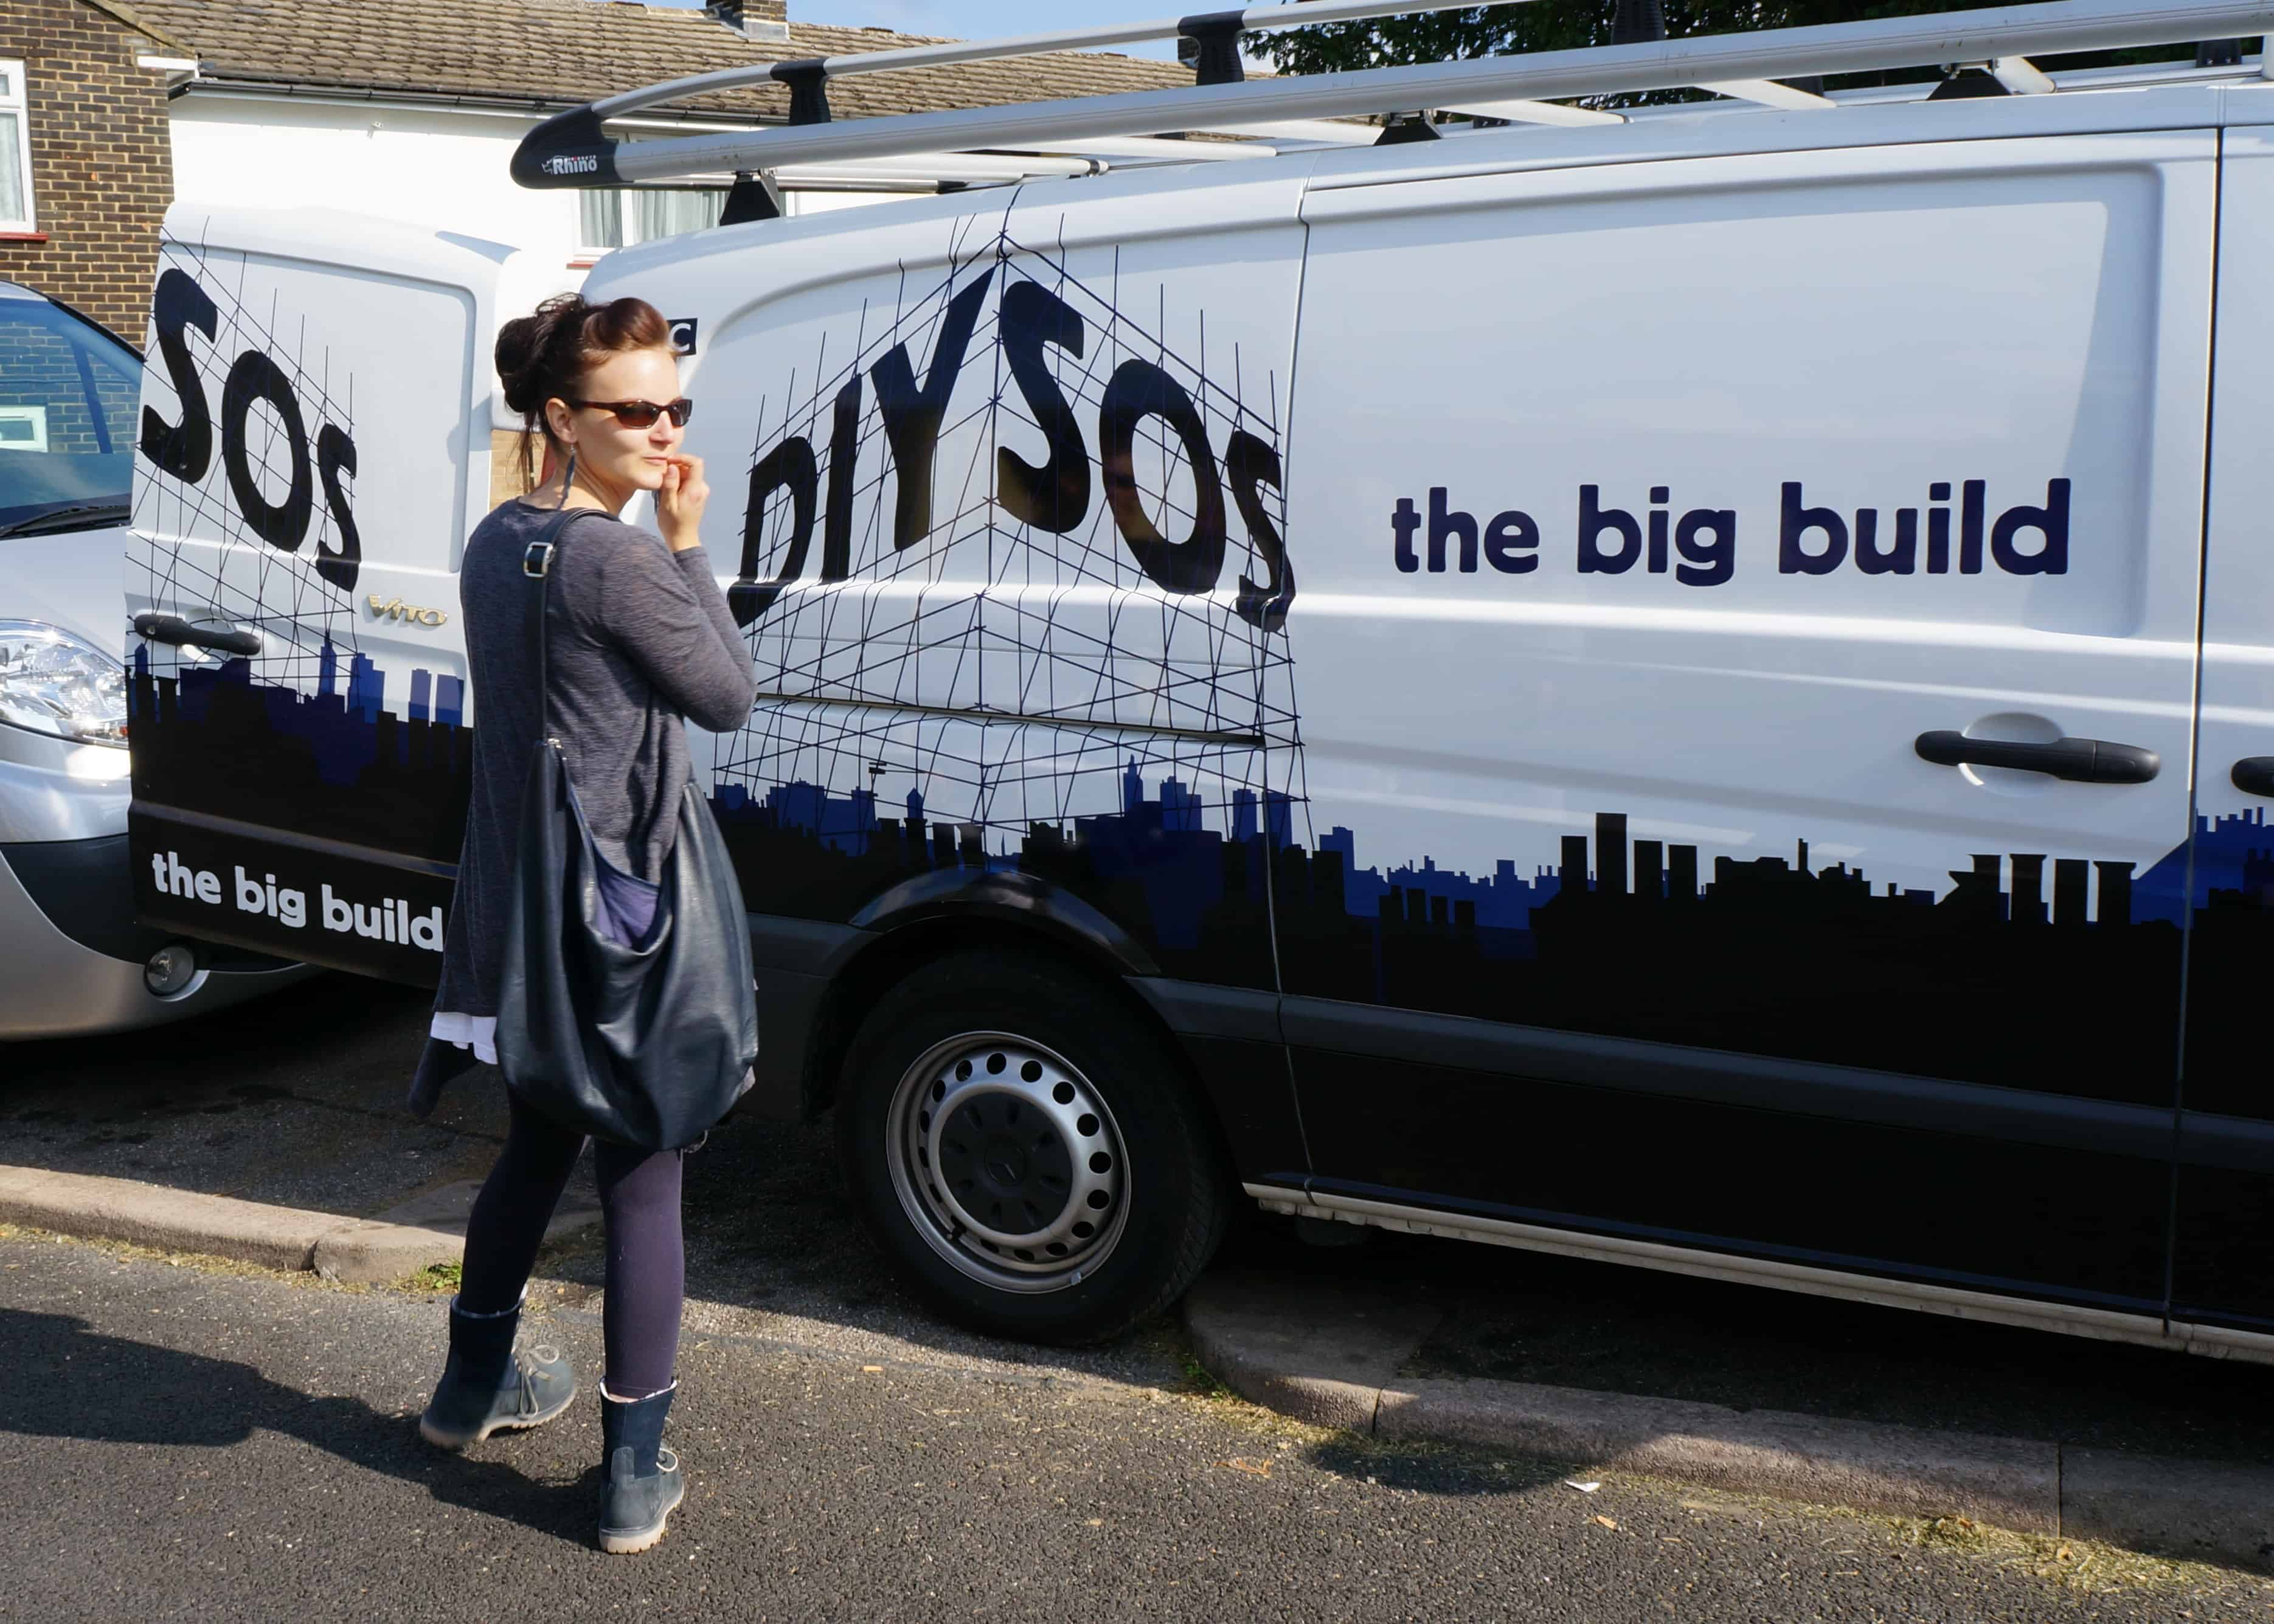 DIY SOS: The Big Build